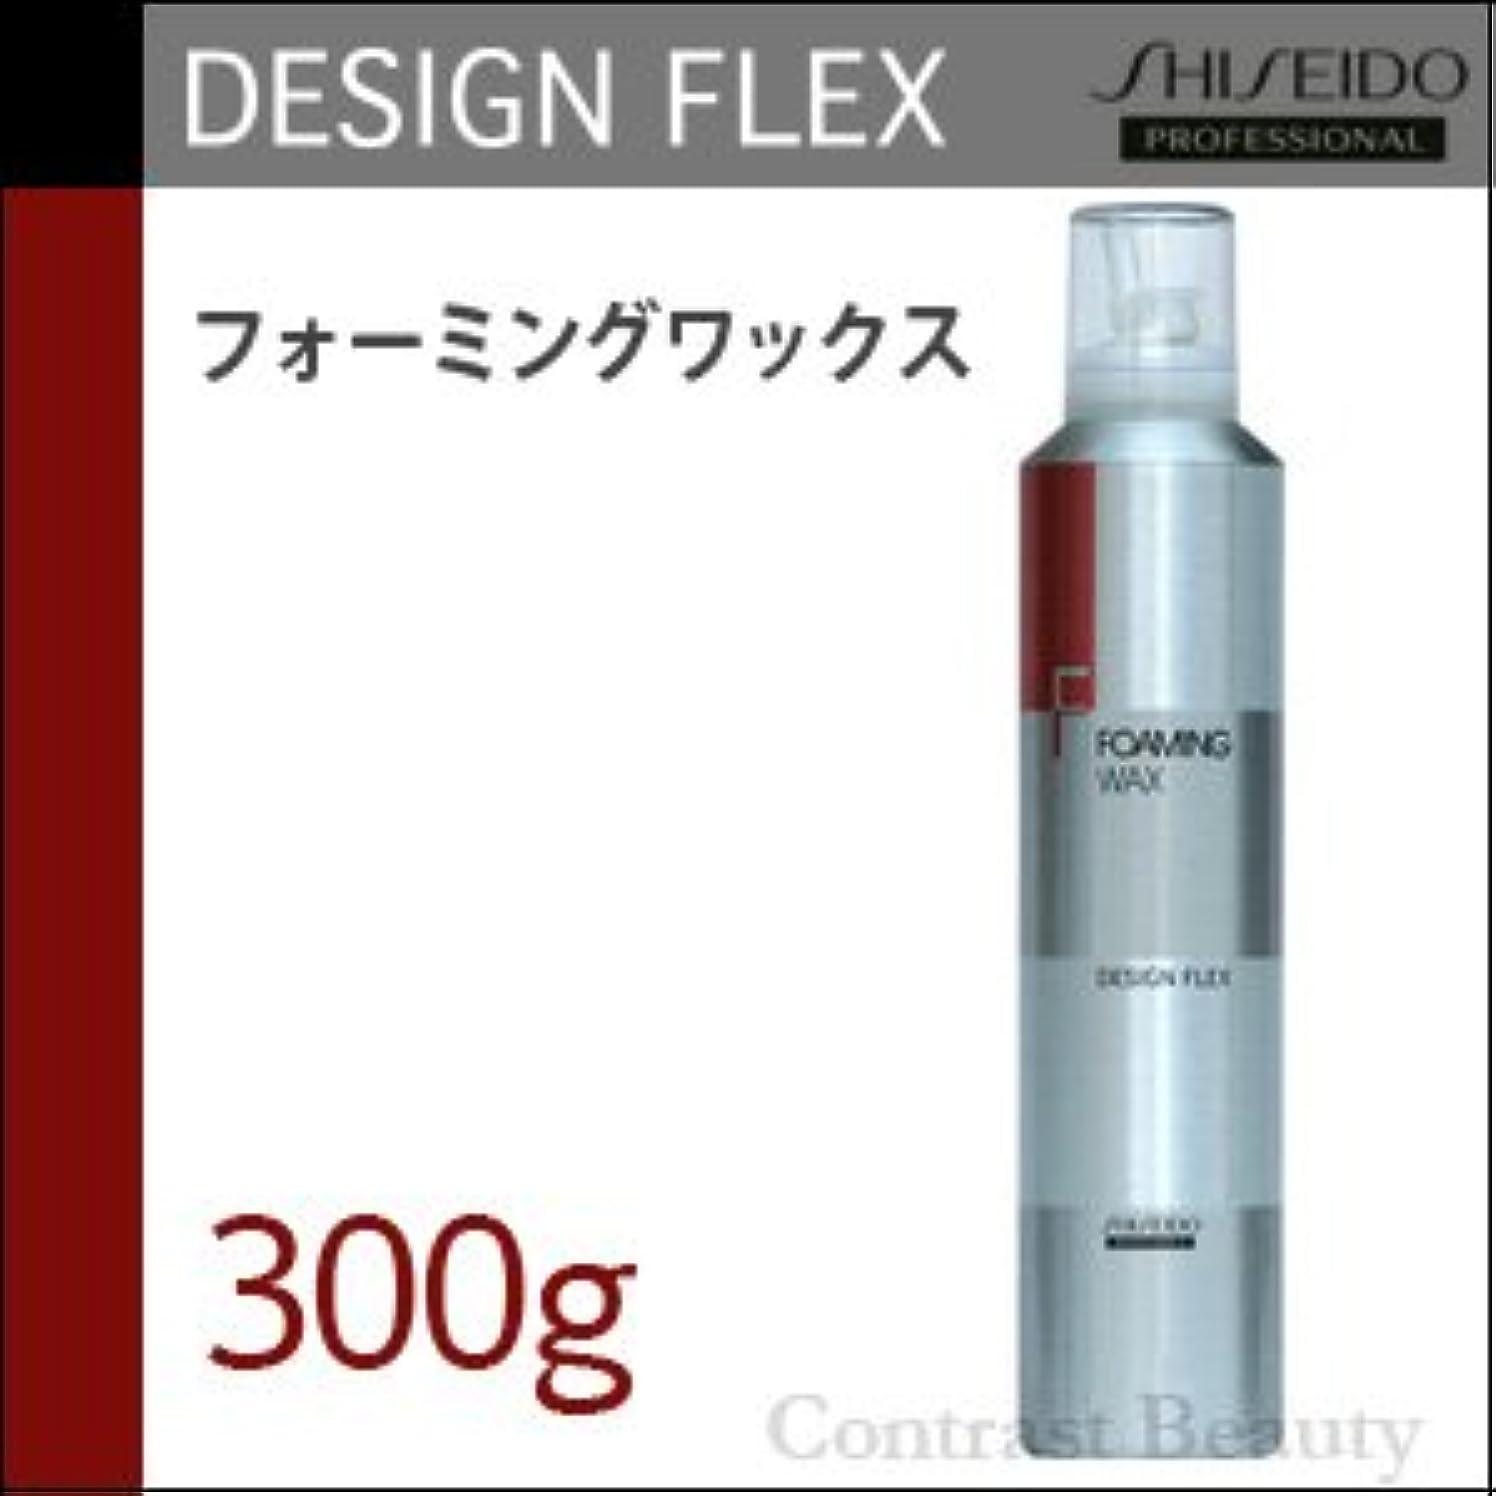 切り刻むワイヤー港【x2個セット】 資生堂 デザインフレックス フォーミングワックス 300g